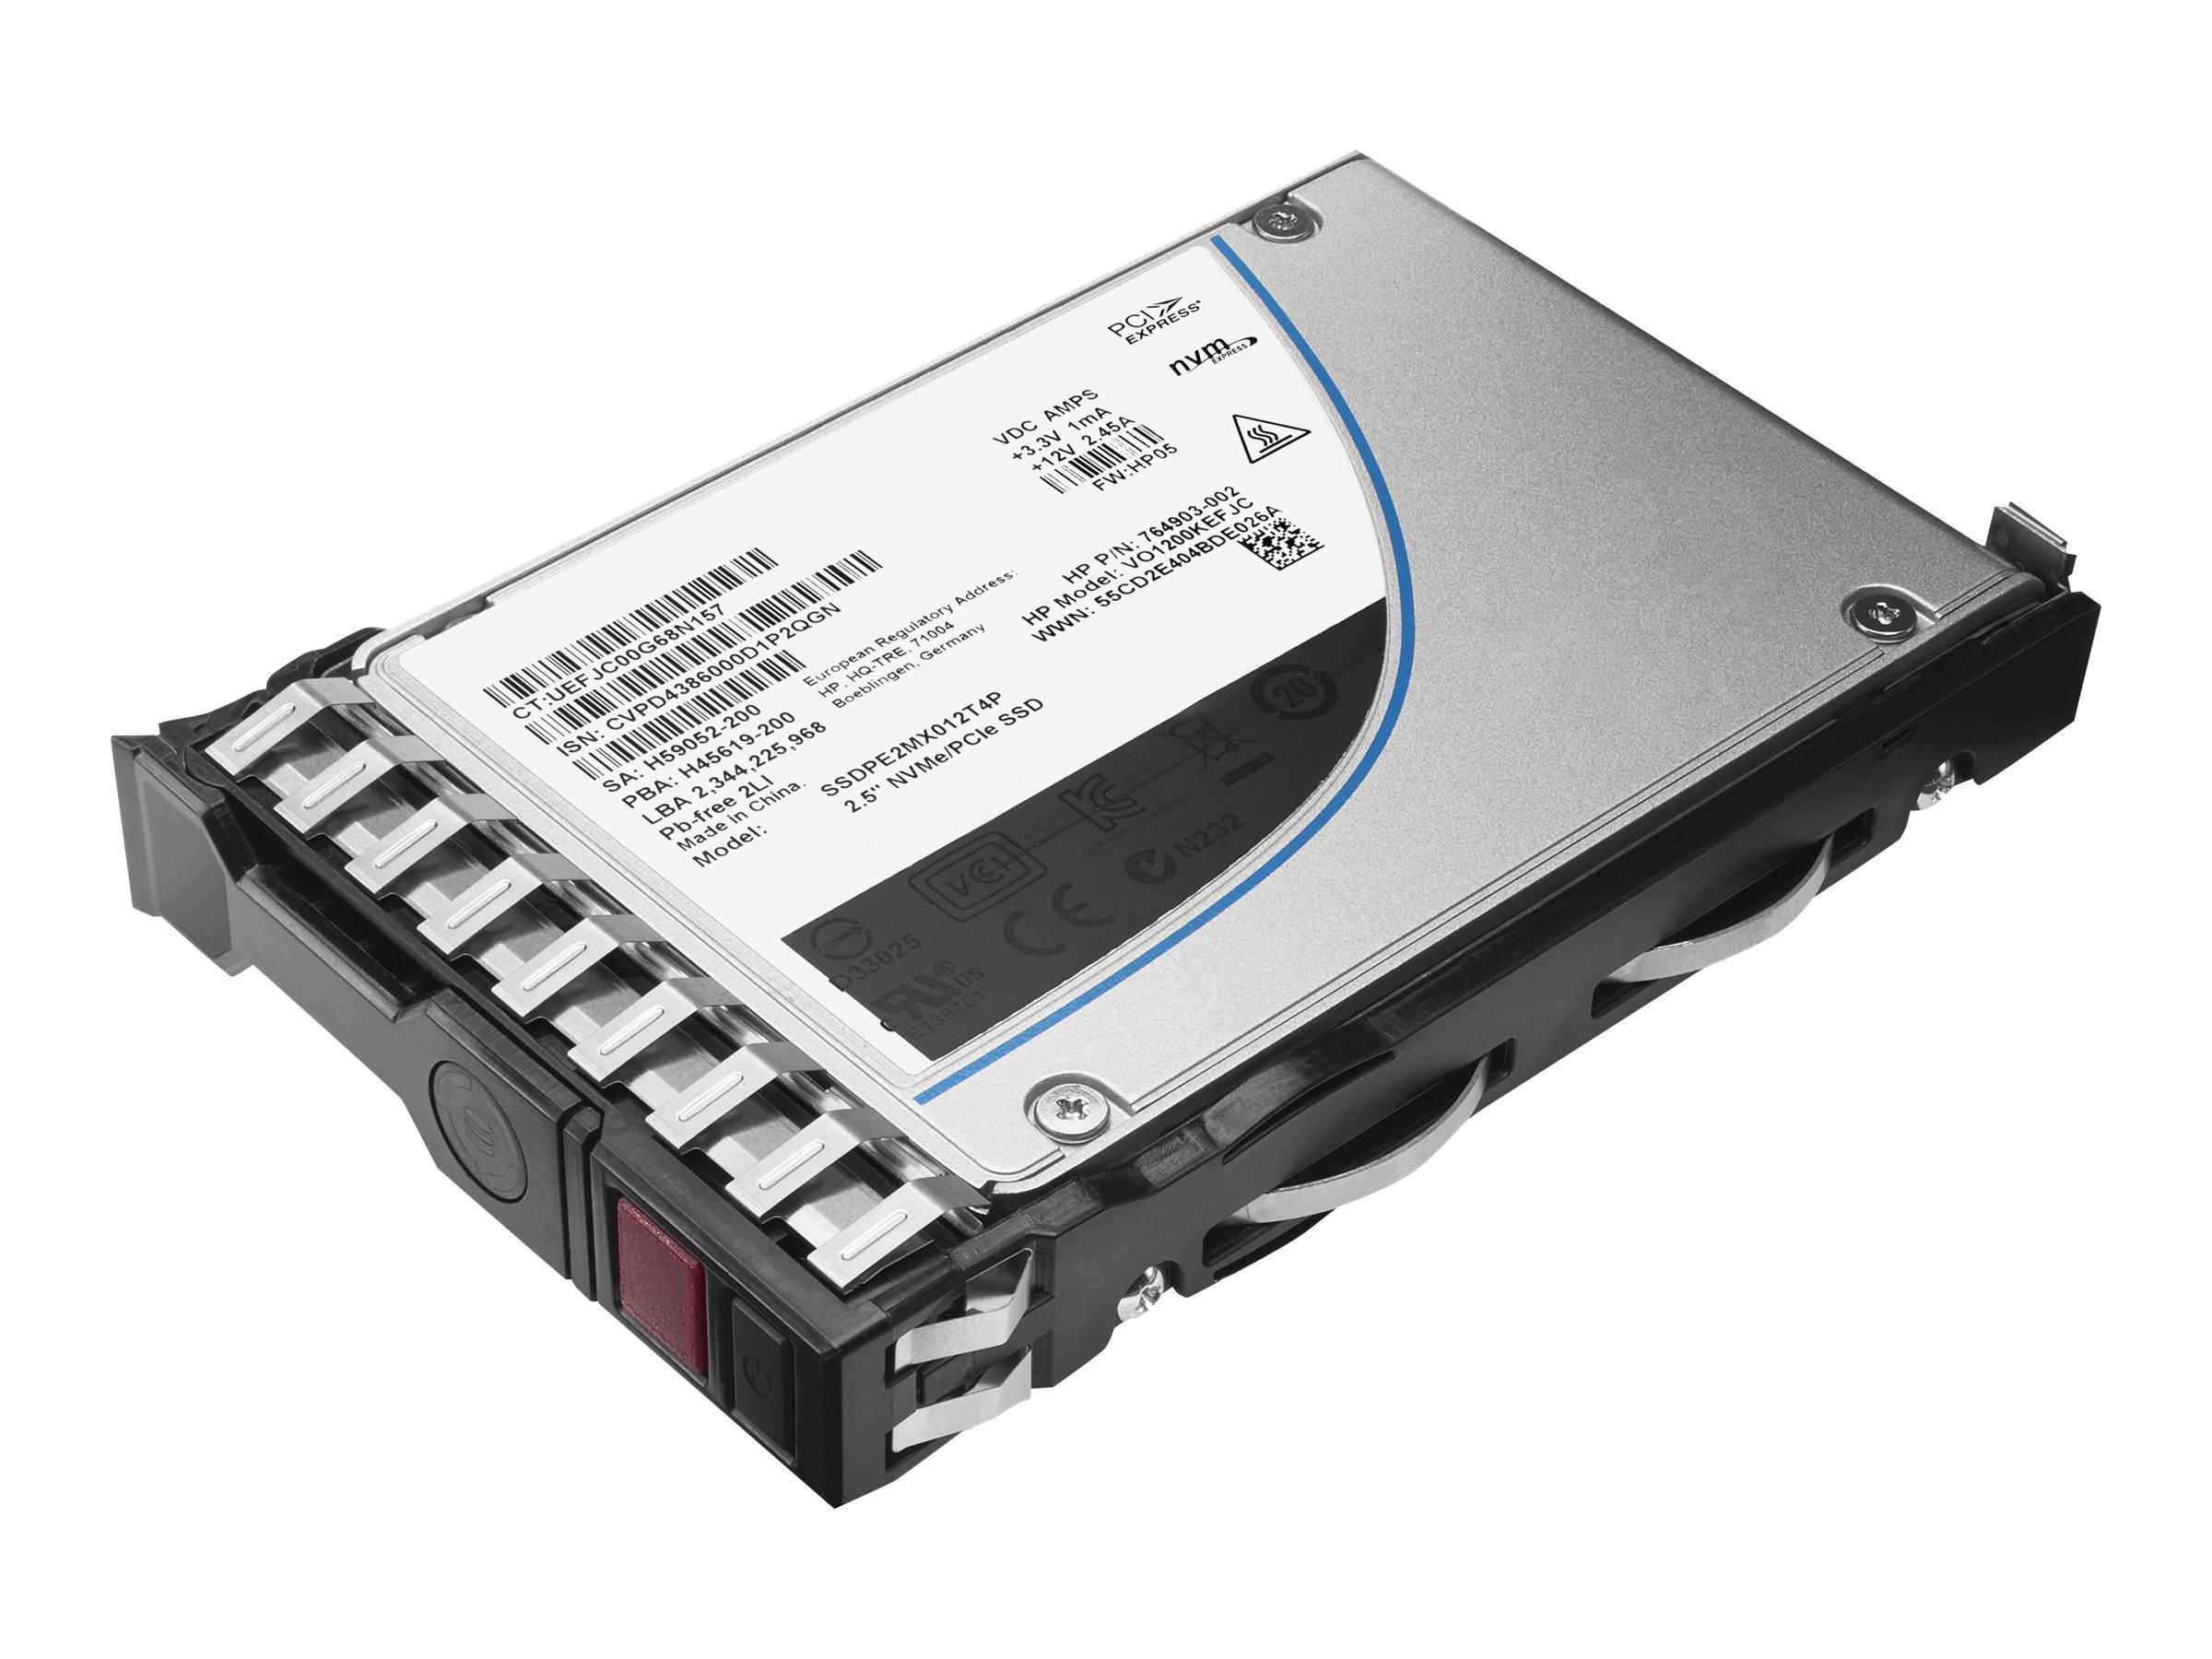 SSD 1.6TB SATA HP 1.60 TB 2.5